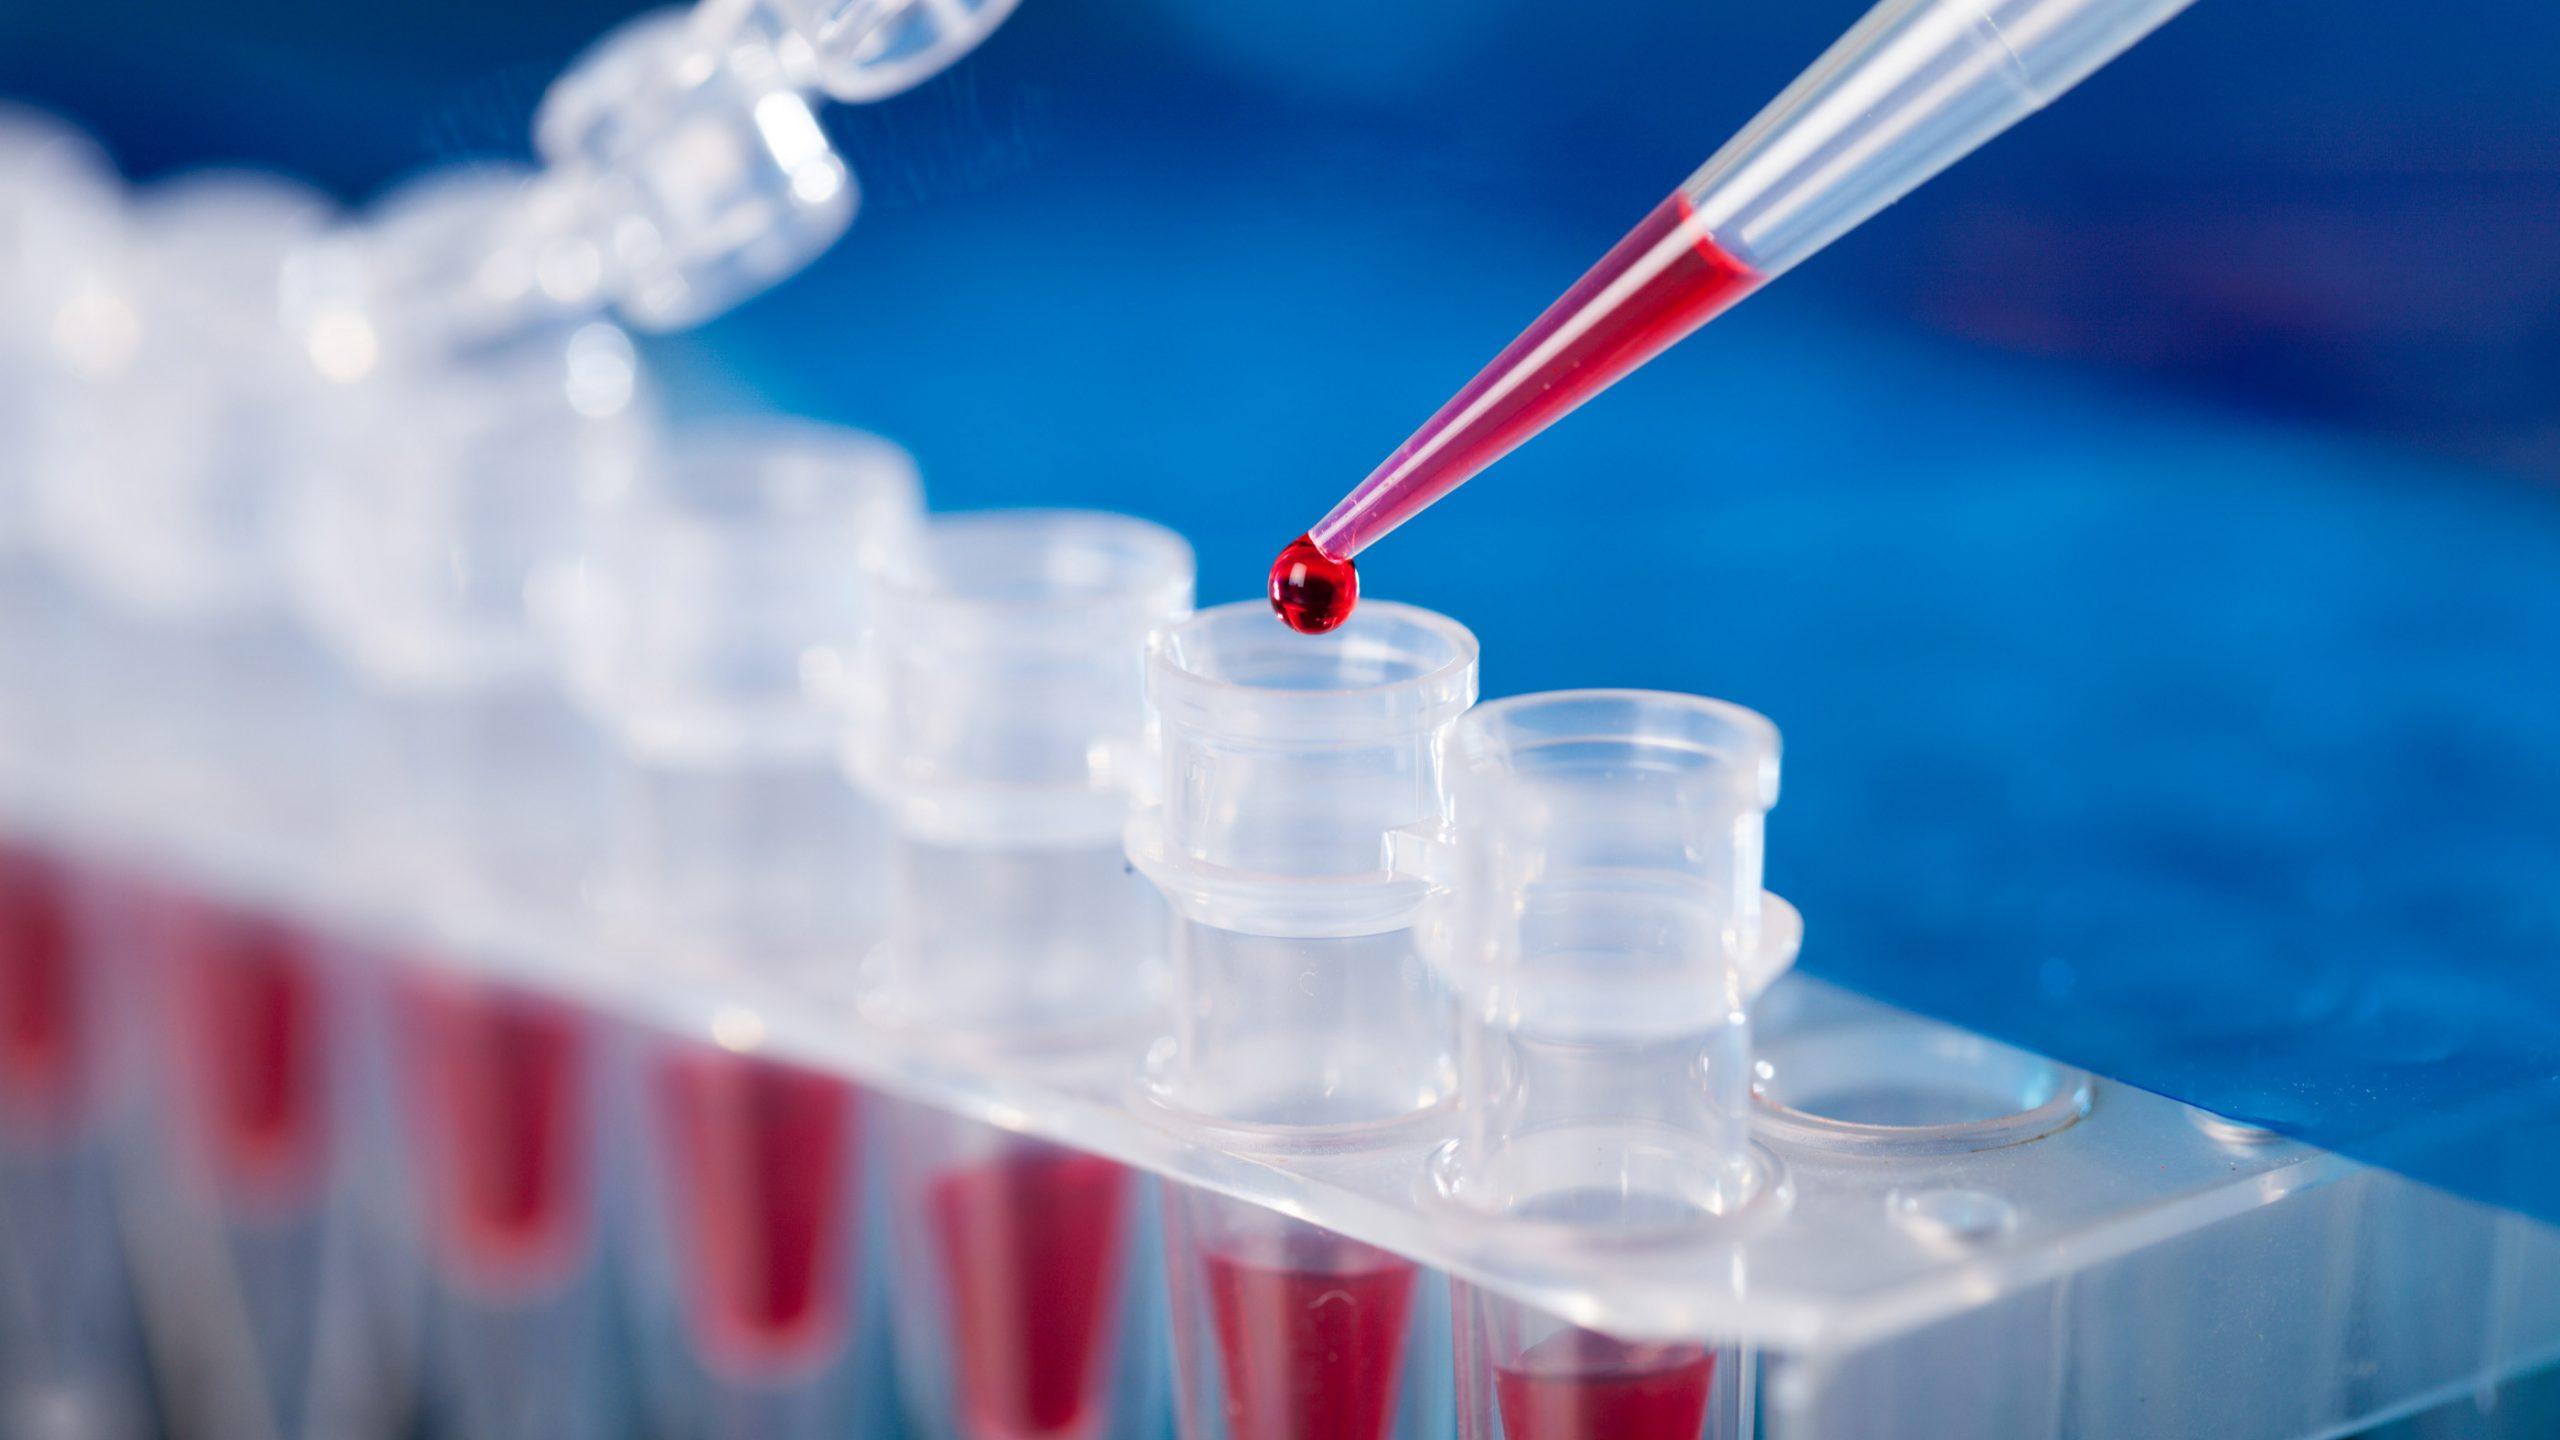 सुदूरपश्चिममा एकैदिन थपिए १३७ संक्रमित